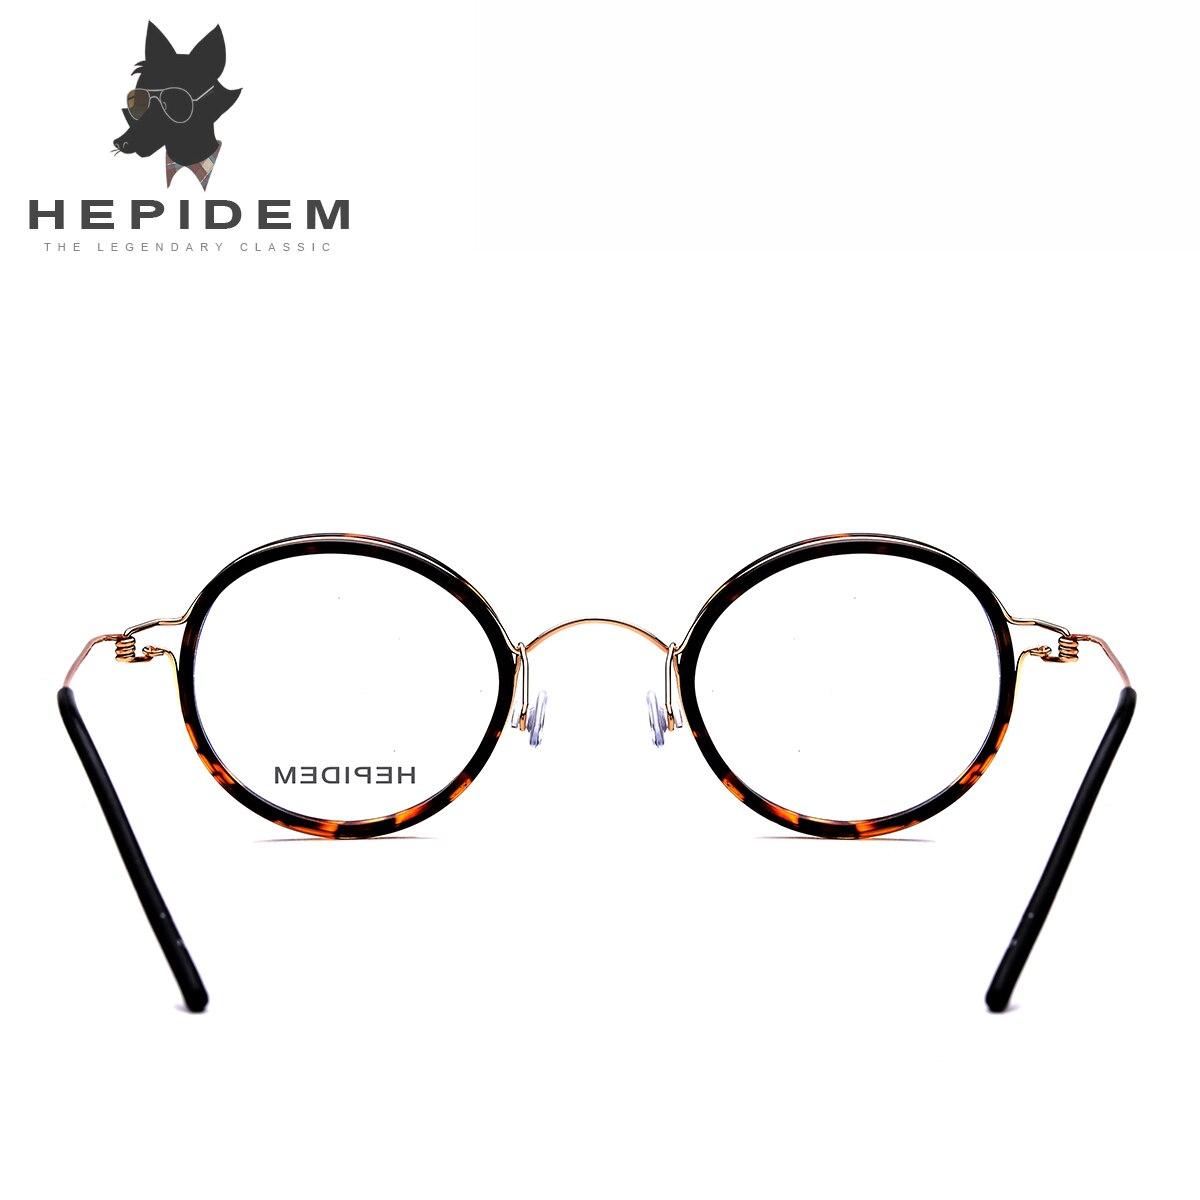 Berühmt Gläser Und Rahmen Bilder - Benutzerdefinierte Bilderrahmen ...